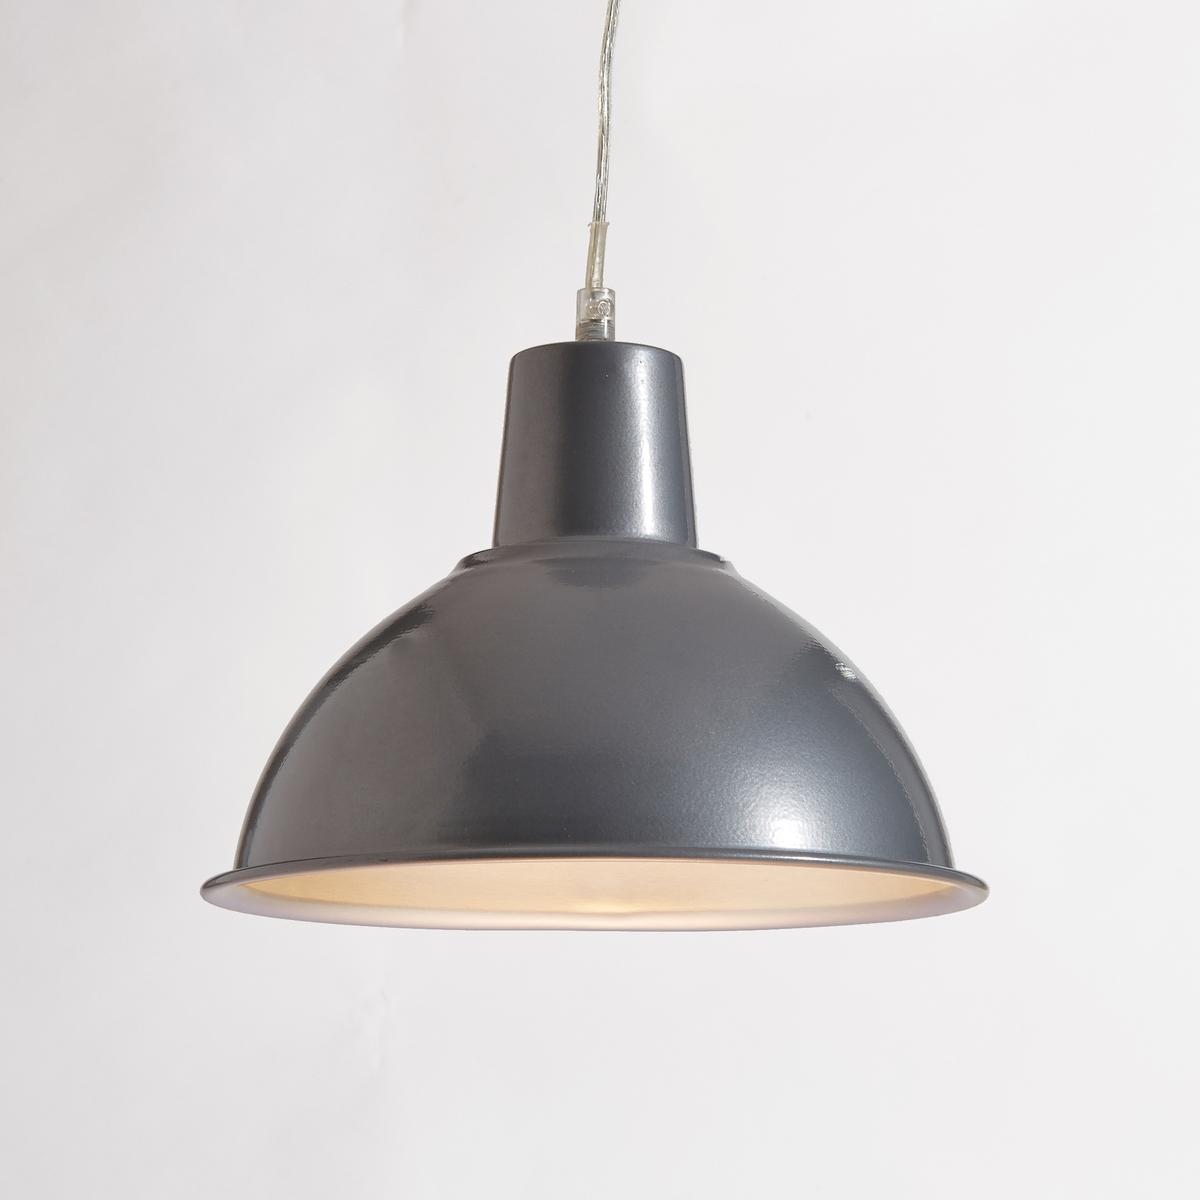 Светильник из металла в индустриальном стиле, Lami от La Redoute